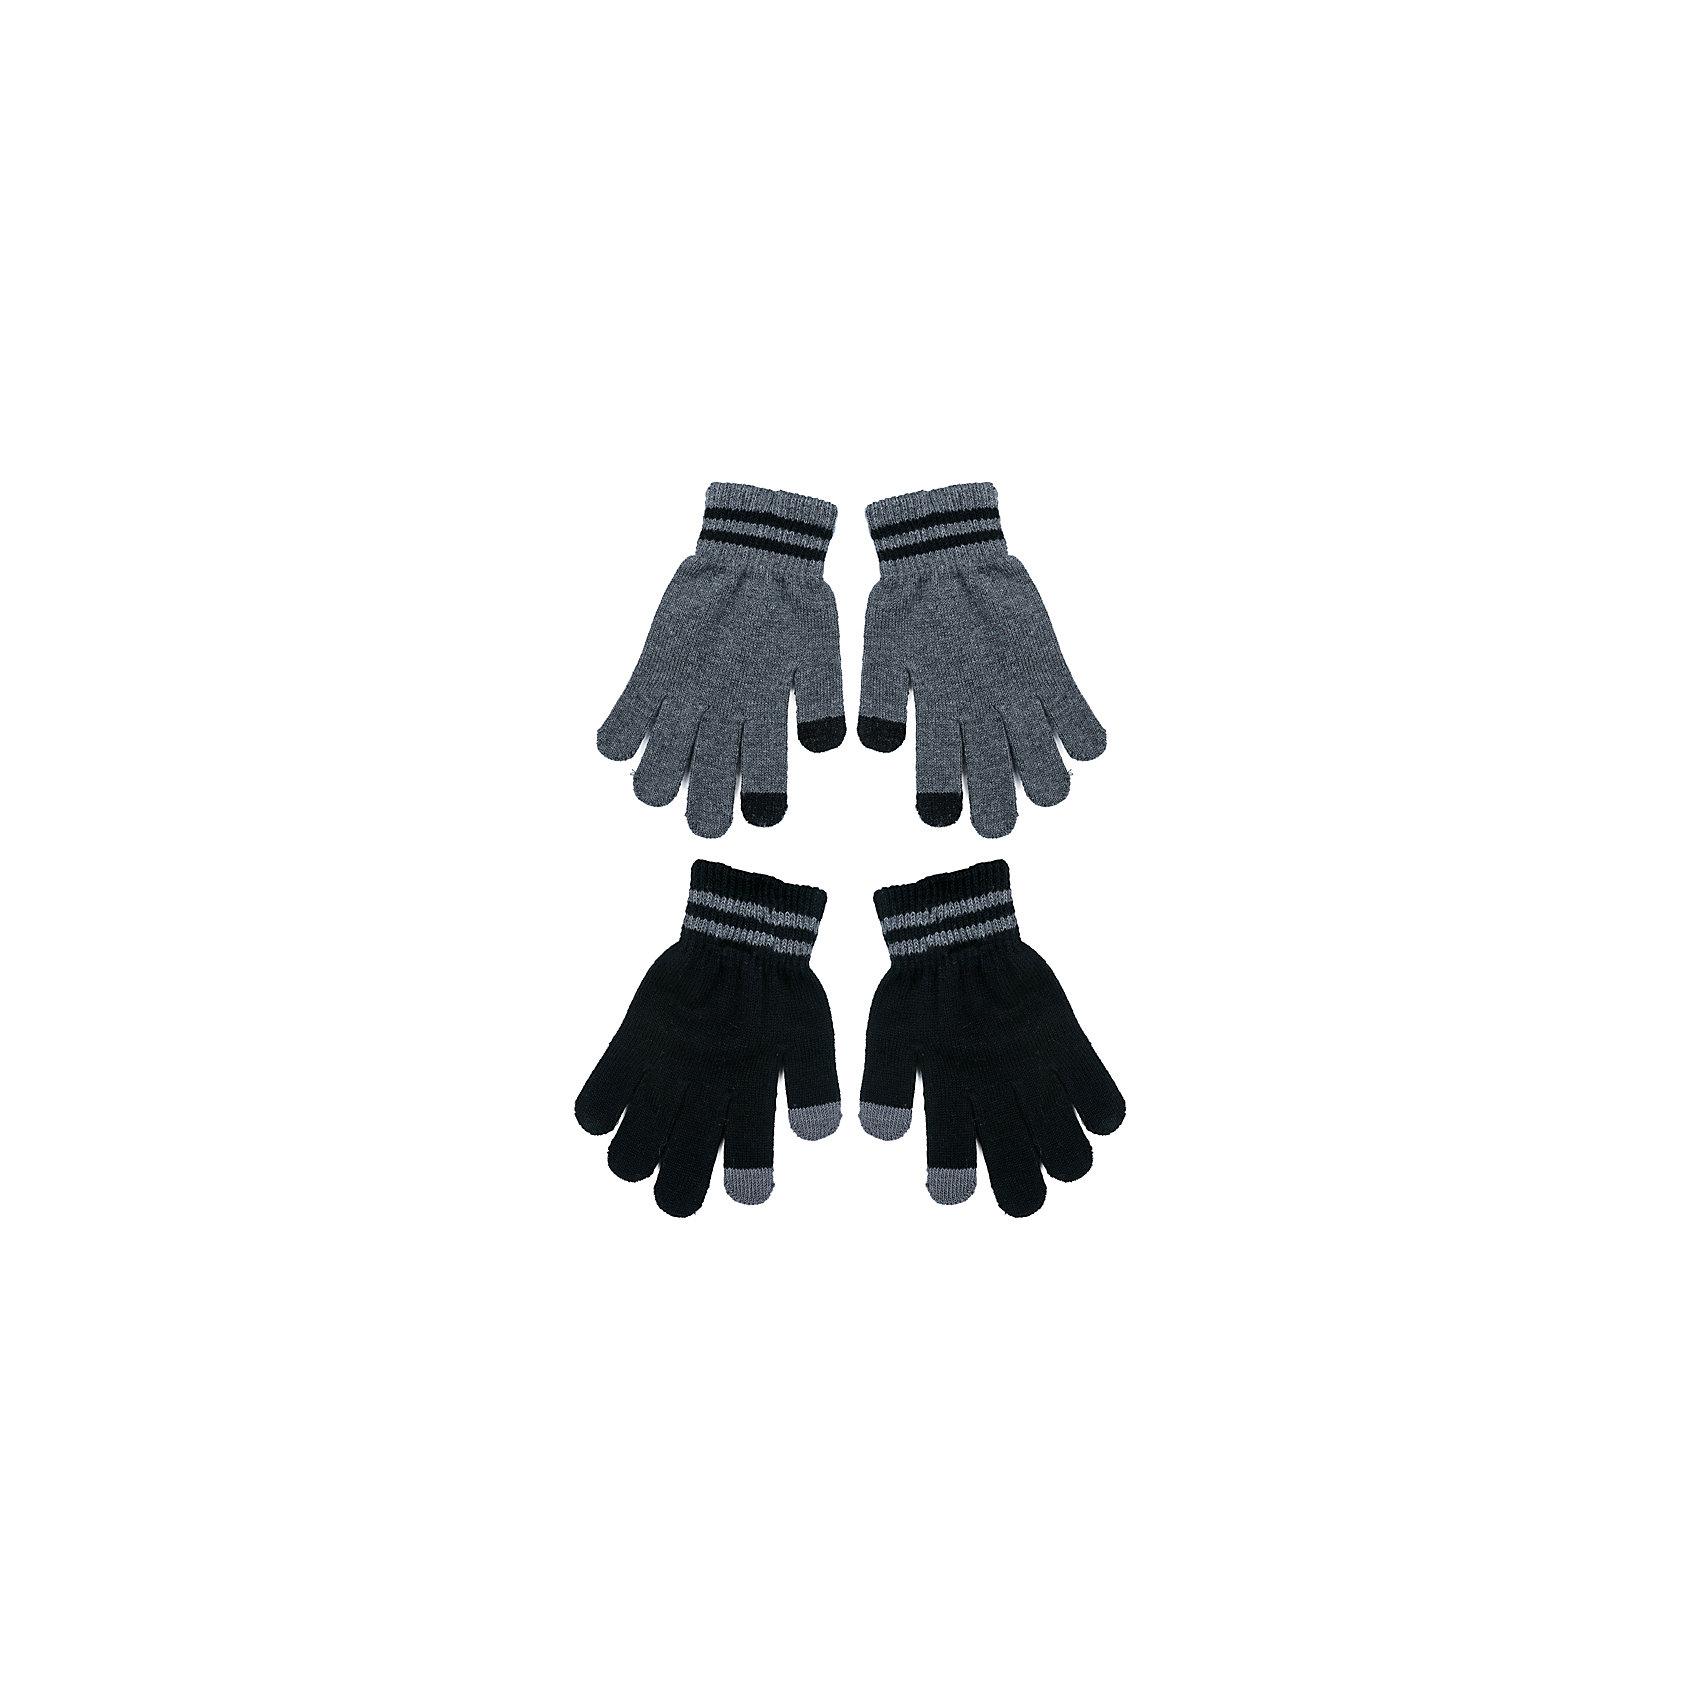 Перчатки Scool 2 пары для мальчикаВерхняя одежда<br>Характеристики товара:<br><br>• цвет: серый/черный;<br>• состав; 80% хлопок, 18% нейлон, 2% эластан;<br>• сезон: демисезон, зима;<br>• температурный режим: от +5 до -30С;<br>• особенности: вязаные;<br>• плотная резинка на манжетах;<br>• можно использовать как базовый слой в сильные холода;<br>• коллекция: рок-фестиваль;<br>• страна бренда: Германия;<br>• страна изготовитель: Китай.<br><br>Перчатки Scool для мальчика. Вязаные перчатки станут идеальным вариантом для прохладной погоды. Они очень мягкие, хорошо тянутся и прекрасно сохраняют тепло. На манжетах - плотная резинка, которая хорошо держит перчатки на руках ребенка. Модель выполнена в технике yarn dyed, в процессе производства используются разного цвета нити. При рекомендуемом уходе изделие не линяет и надолго остается в первоначальном виде.<br><br><br>Перчатки Scool для мальчика (Скул) можно купить в нашем интернет-магазине.<br><br>Ширина мм: 162<br>Глубина мм: 171<br>Высота мм: 55<br>Вес г: 119<br>Цвет: белый<br>Возраст от месяцев: 132<br>Возраст до месяцев: 156<br>Пол: Мужской<br>Возраст: Детский<br>Размер: 7,5,6<br>SKU: 7104832